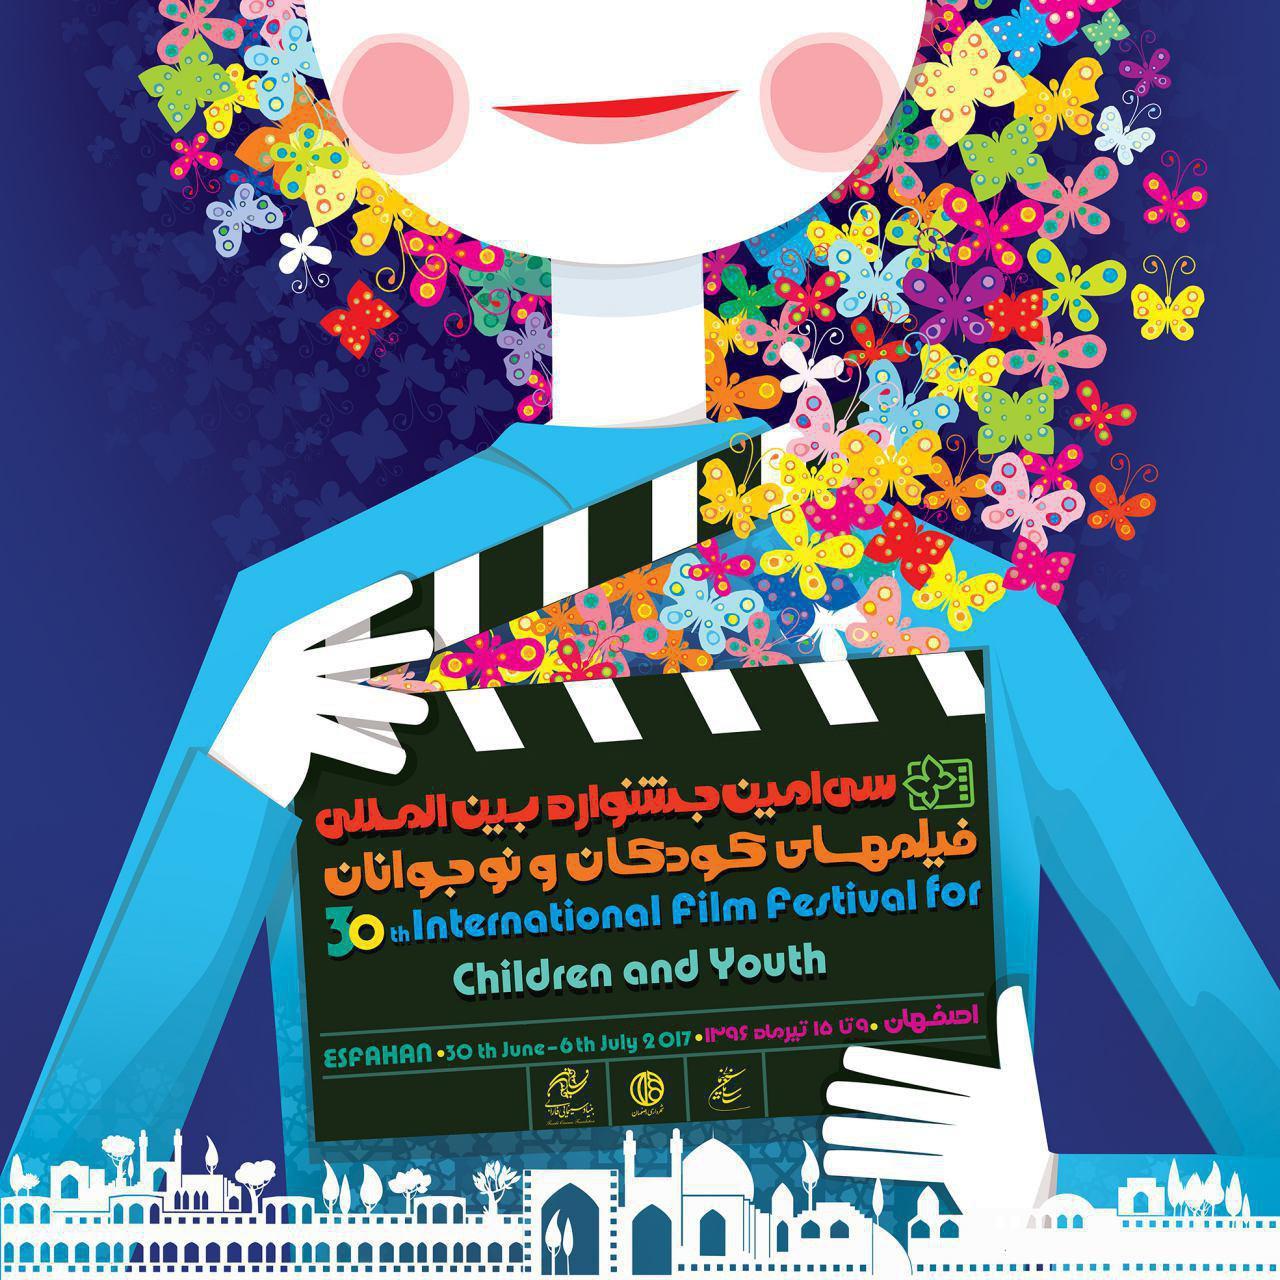 پوستر جشنواره فیلم کودک و نوجوان